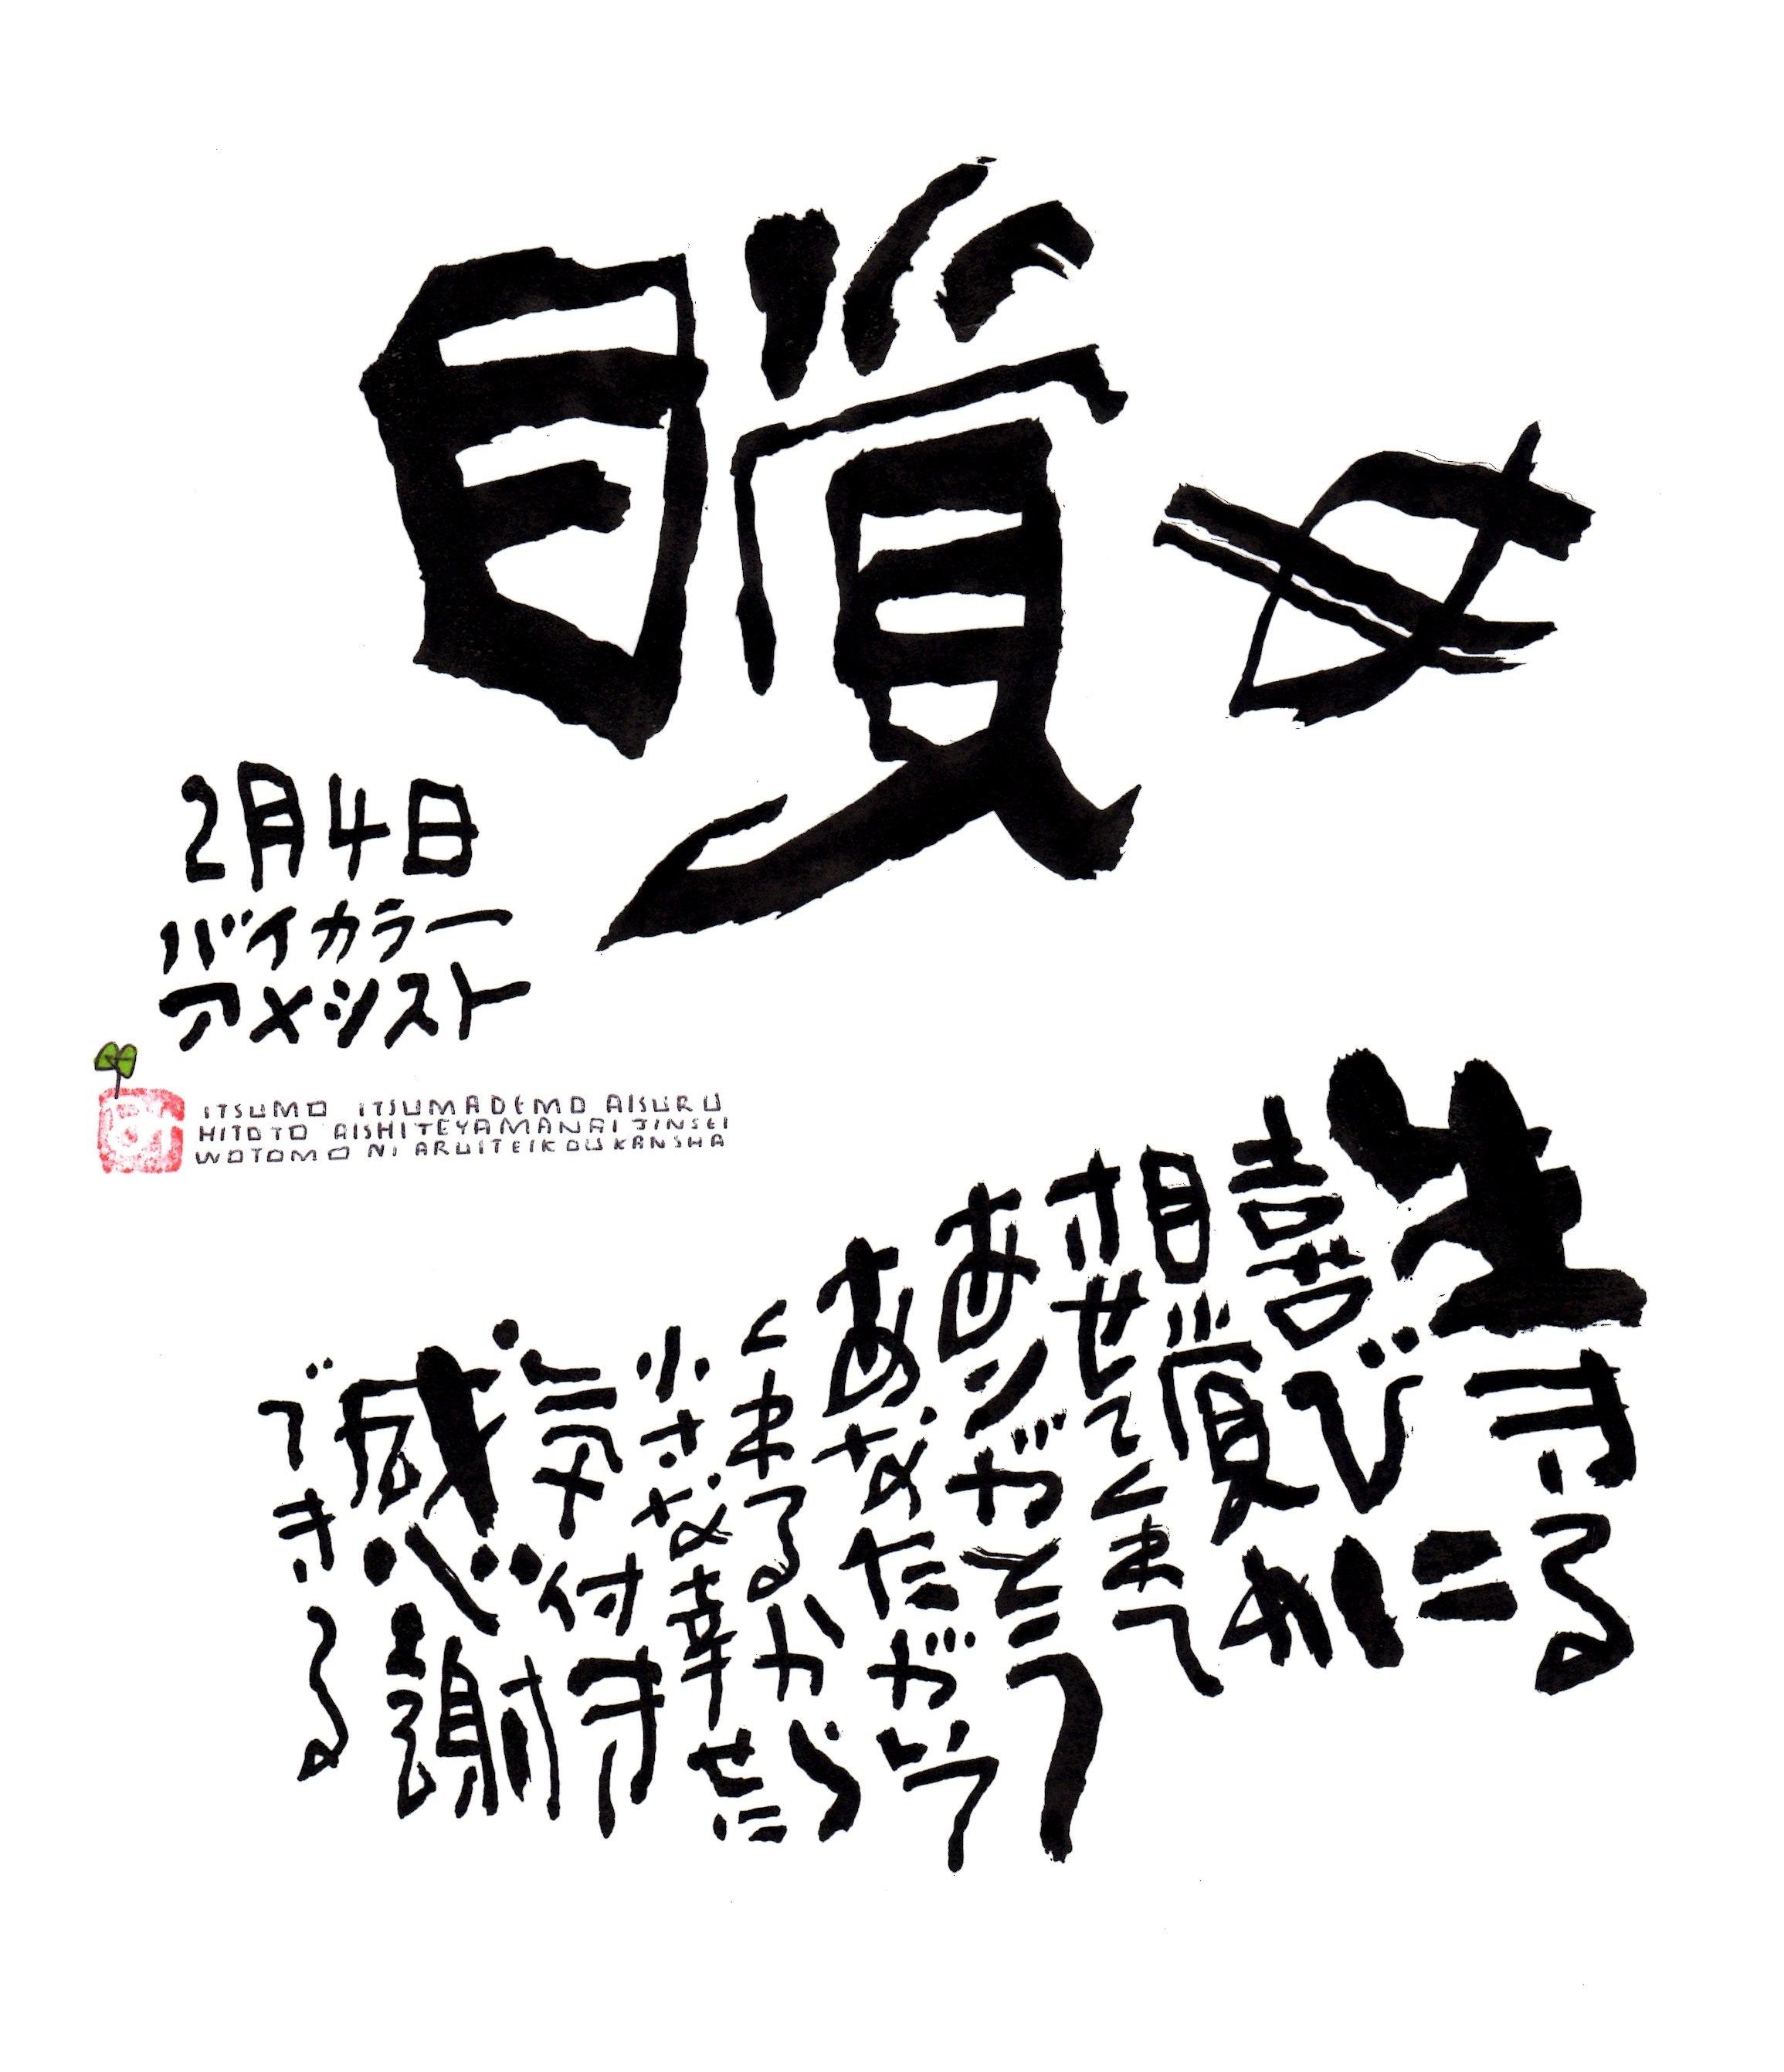 2月4日 結婚記念日ポストカード【目覚め】